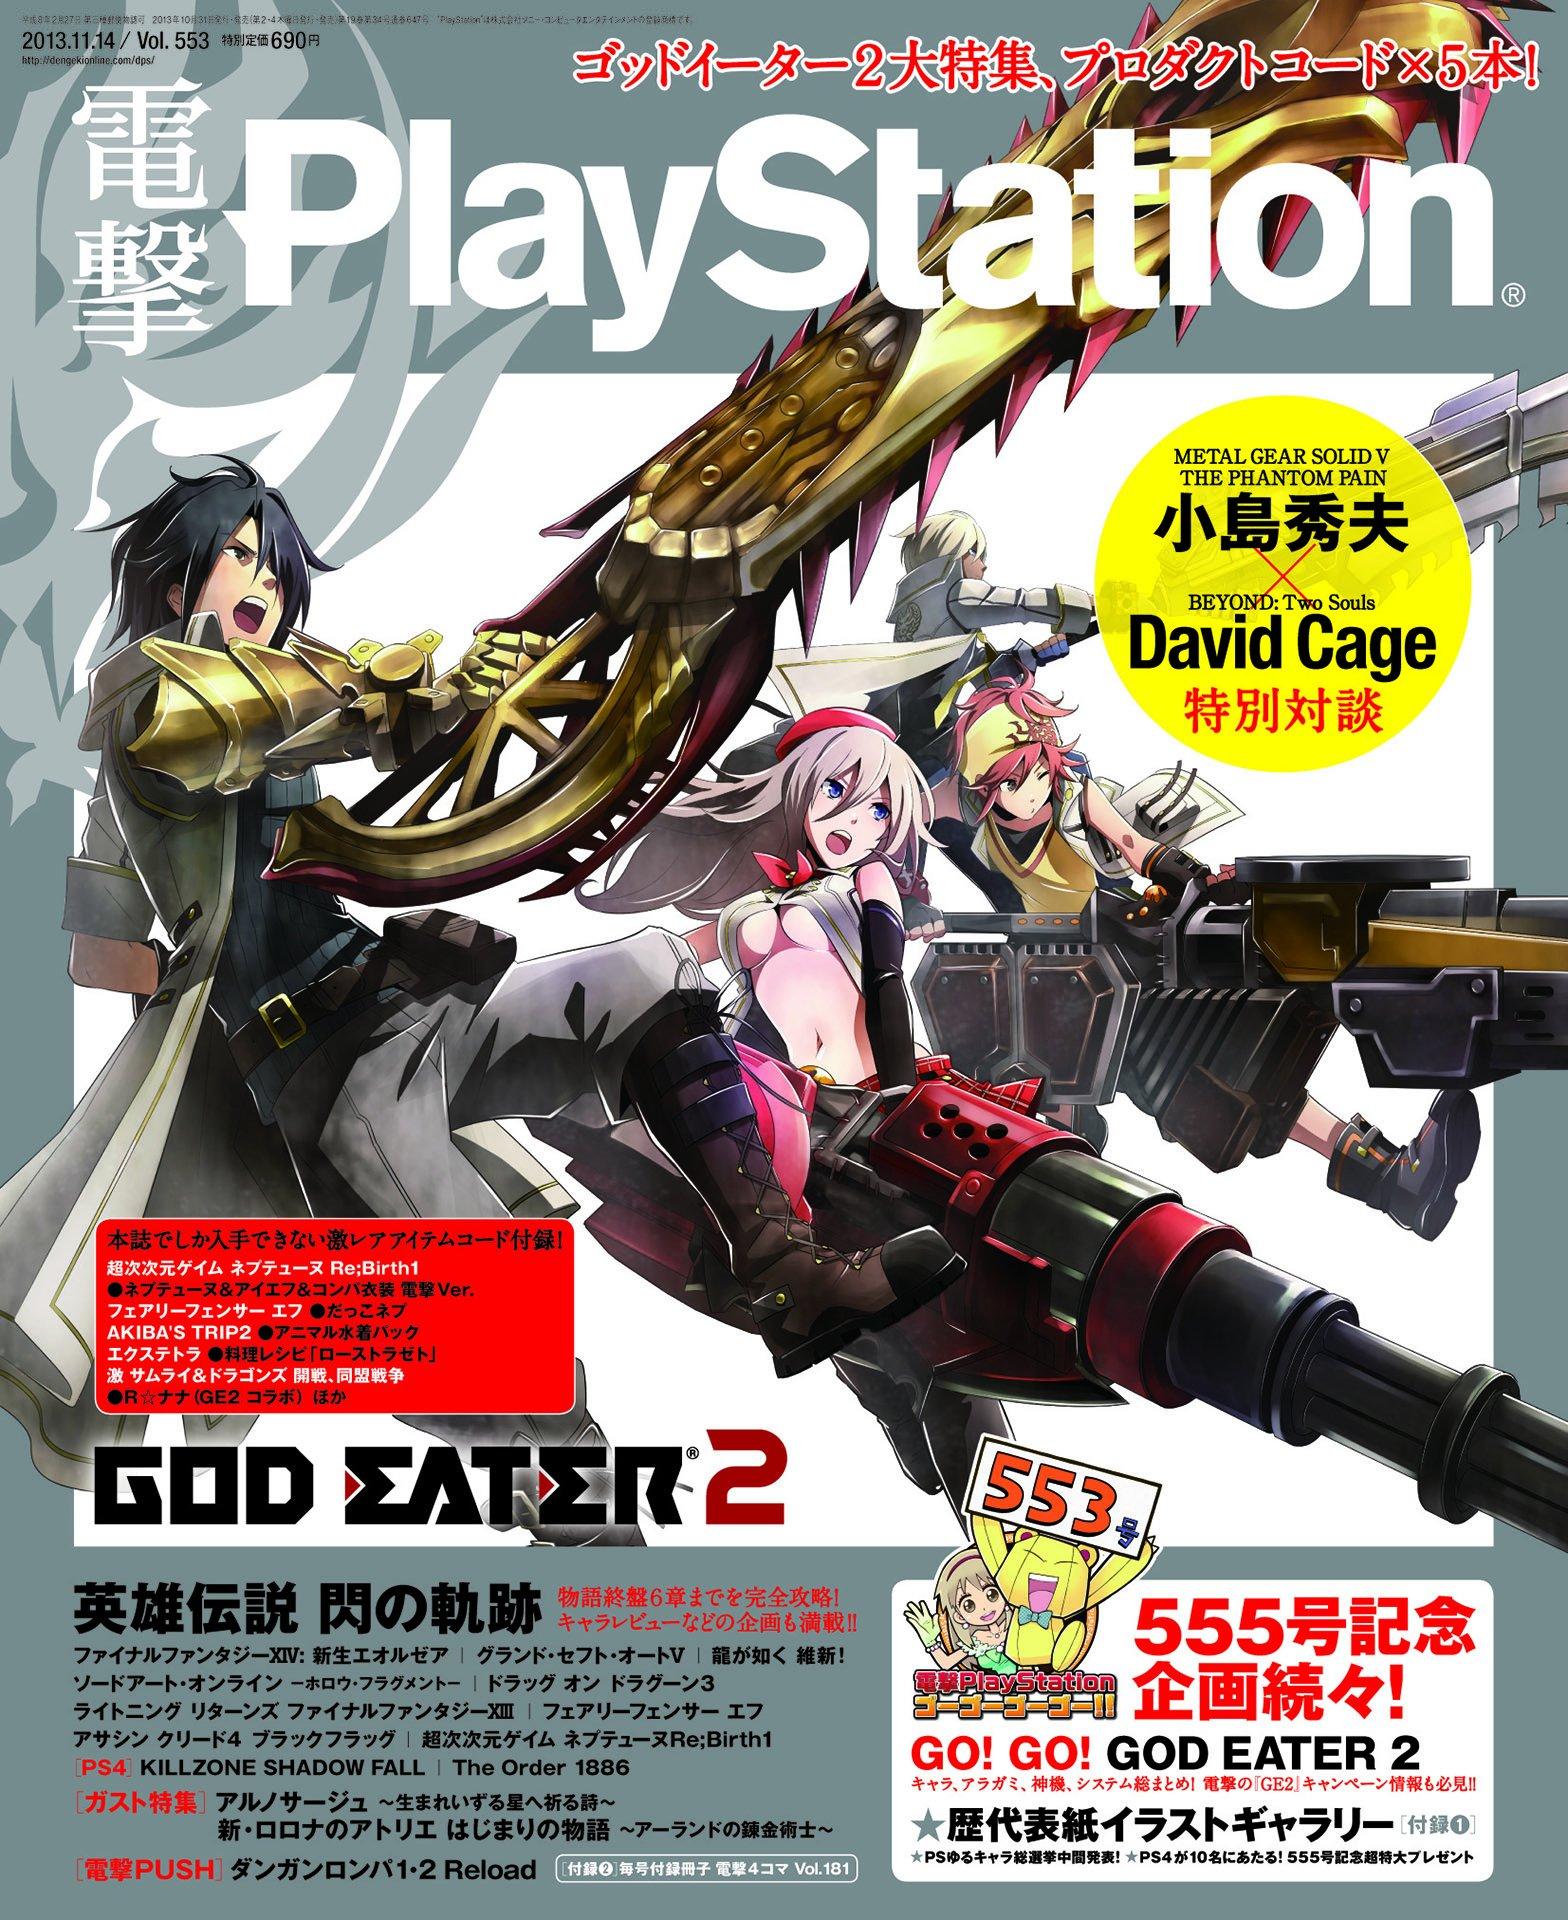 Dengeki PlayStation 553 (November 14, 2013)